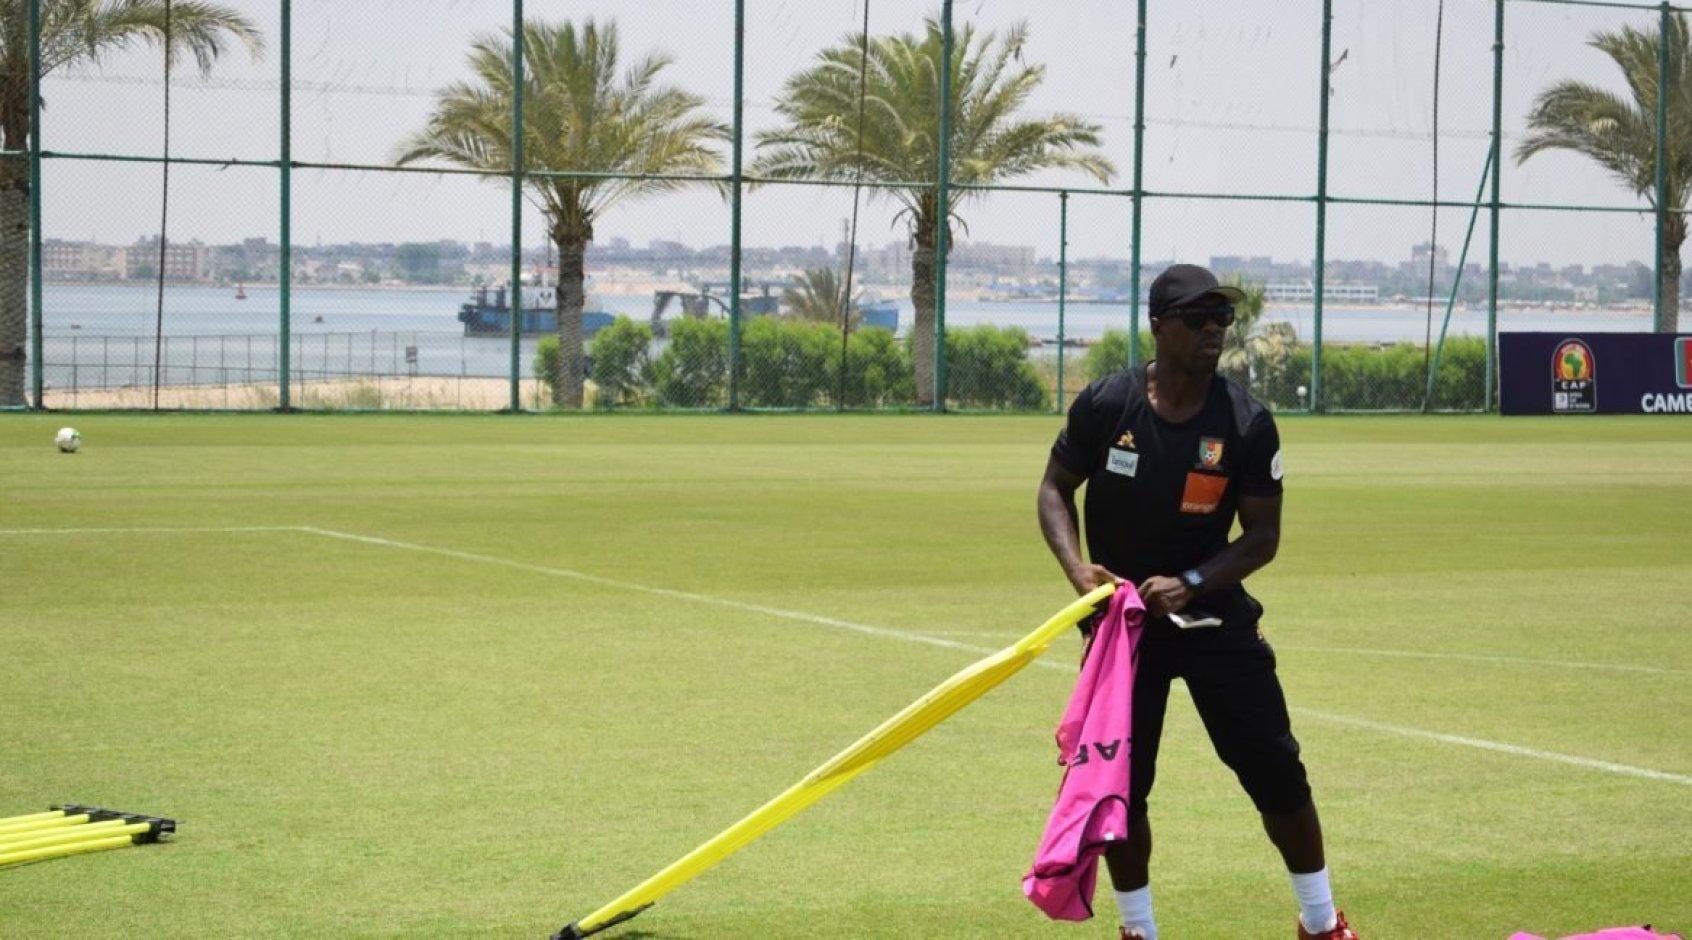 Официально: Кларенс Зеедорф больше не тренер Камеруна